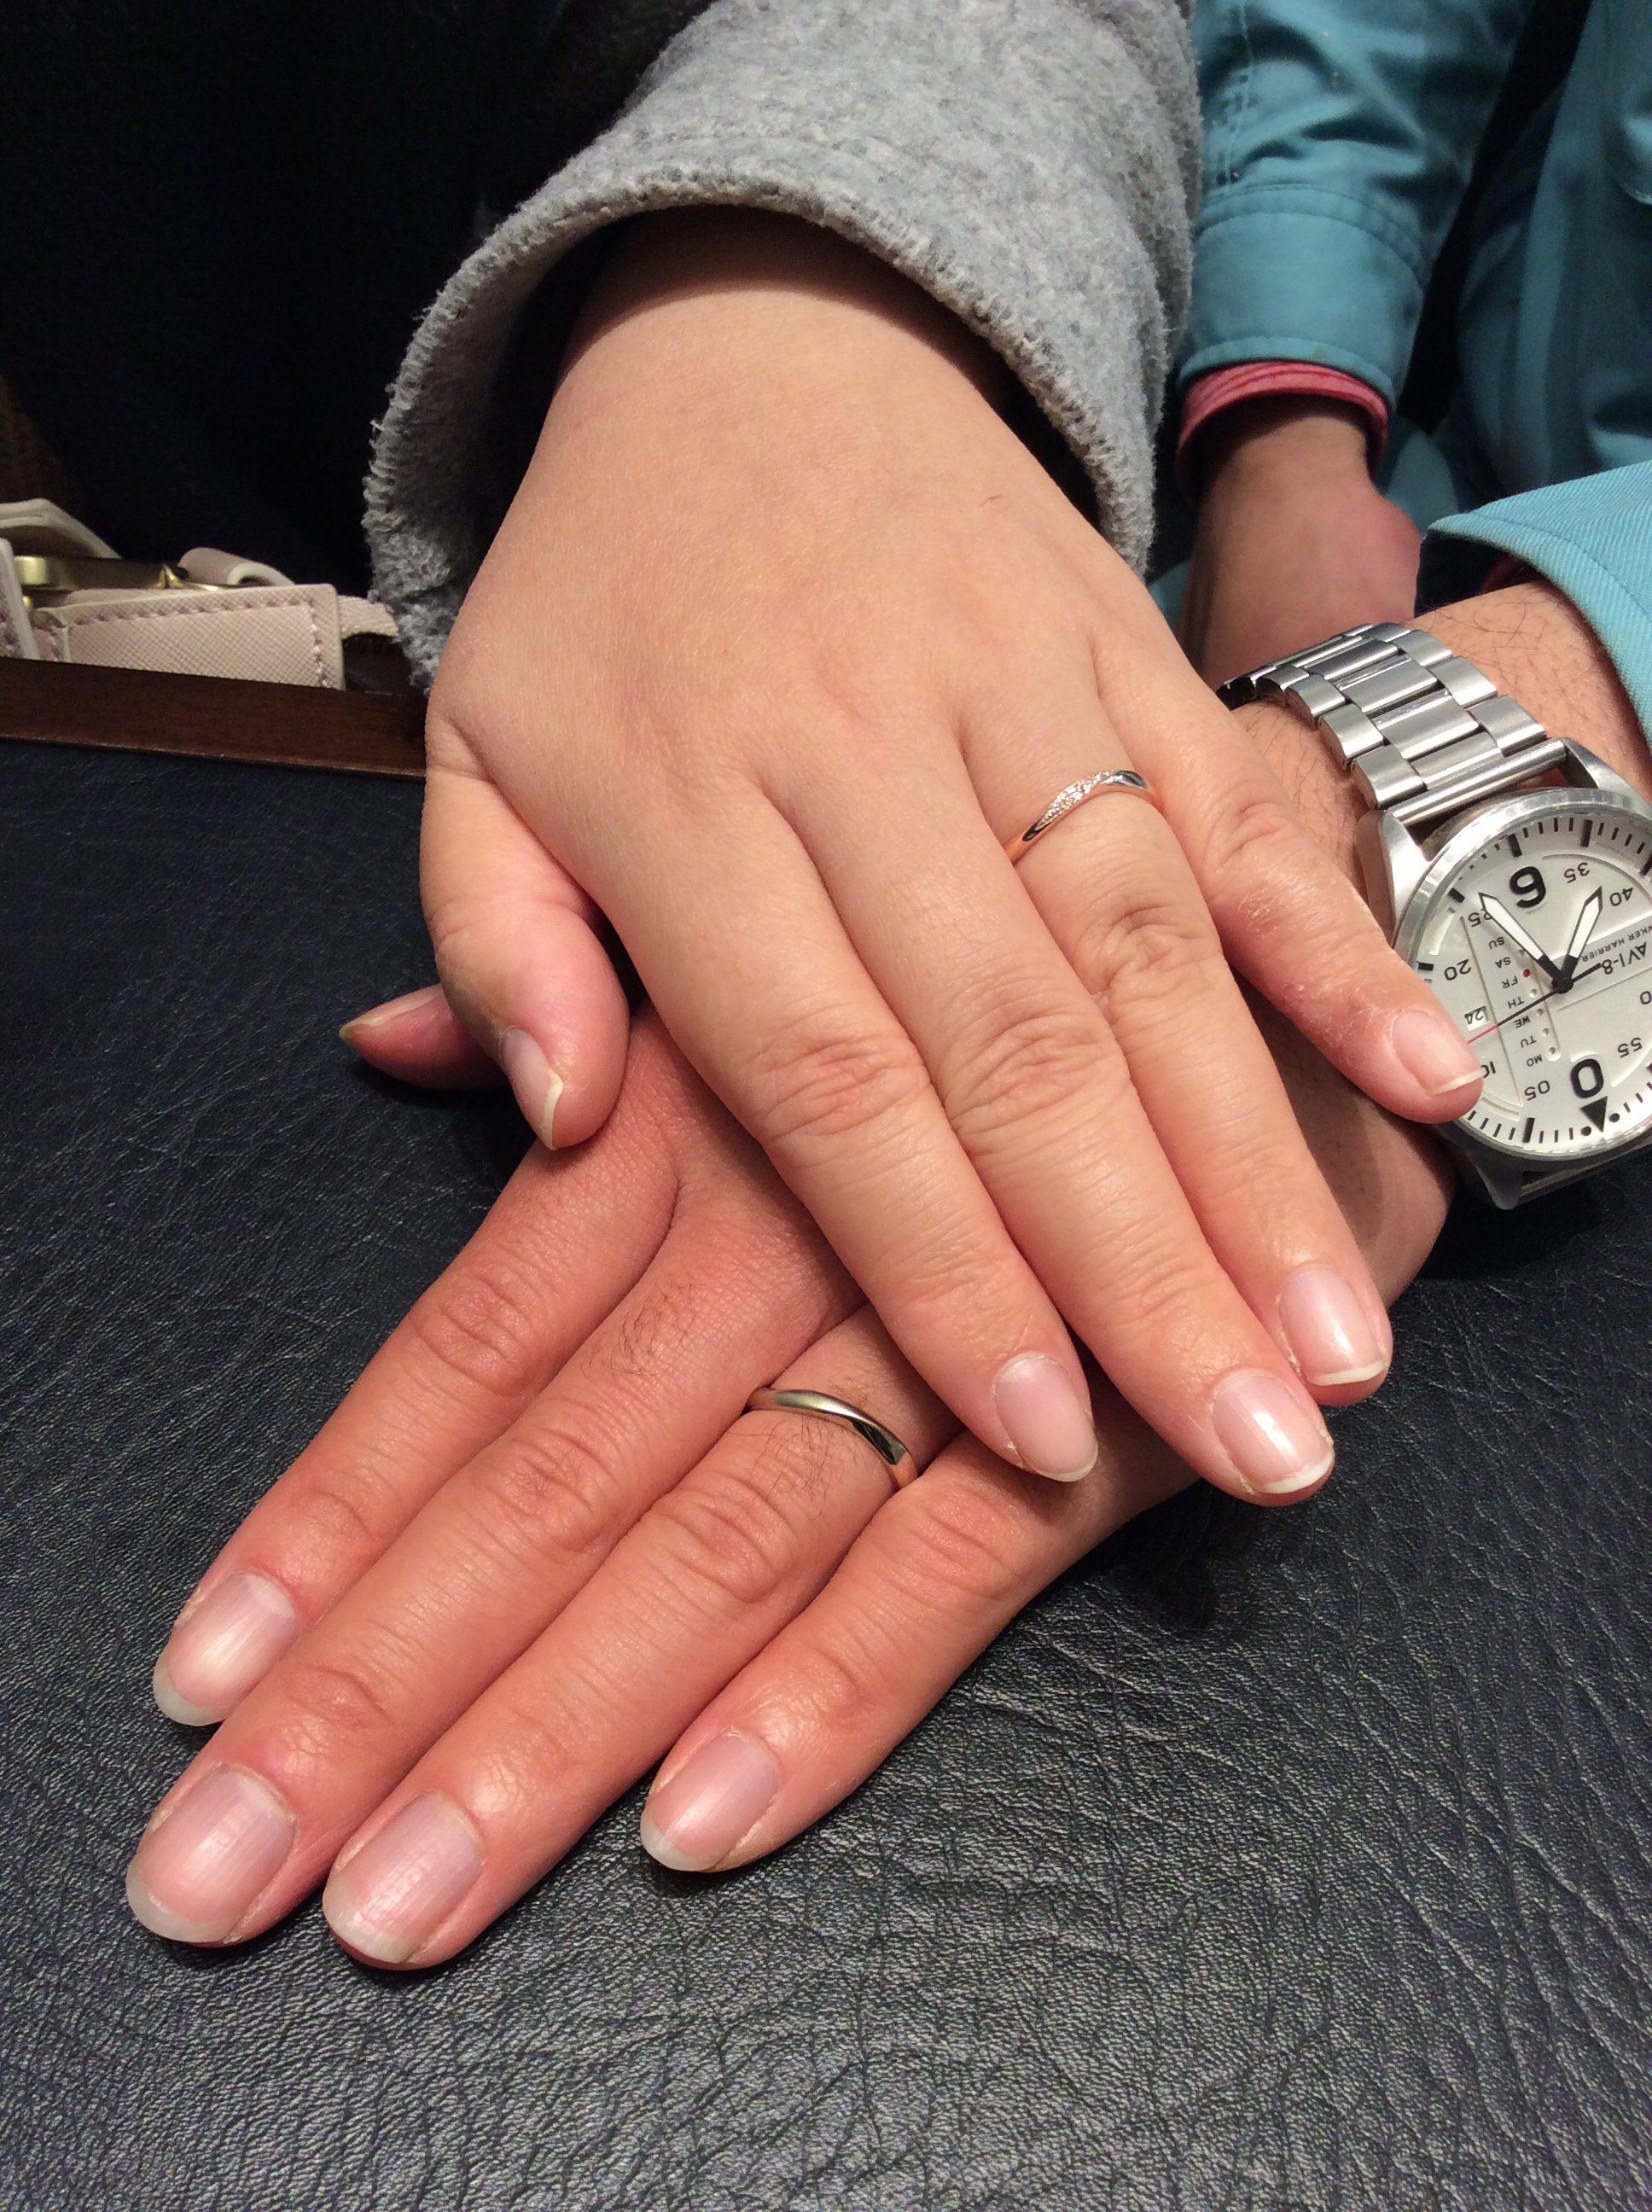 永遠の愛の証 プルーブの結婚指輪をご成約(新潟市/Y様ご夫婦様)